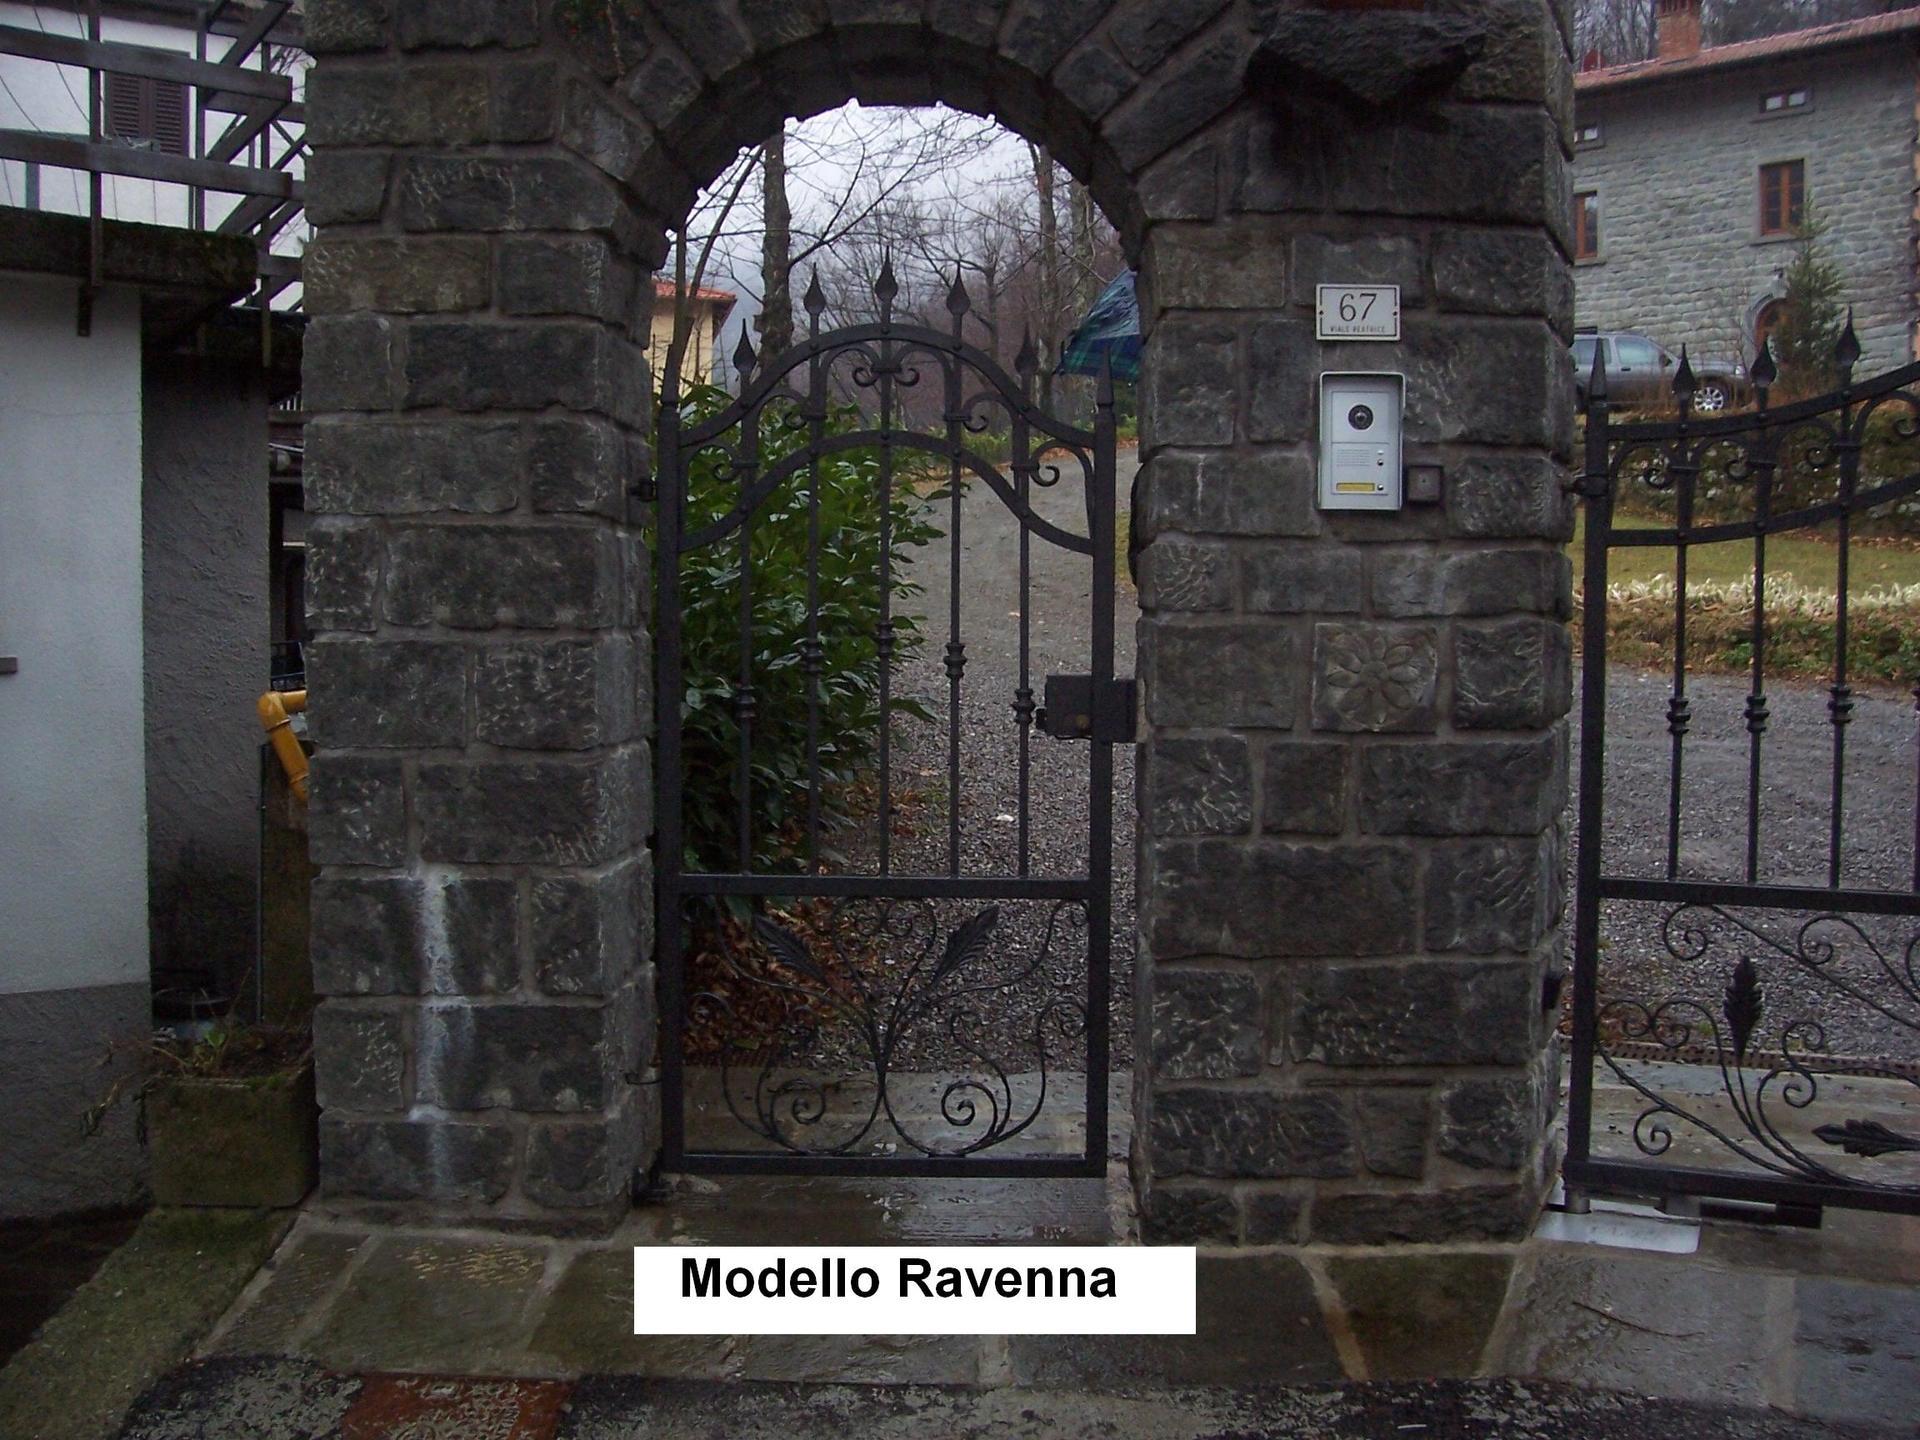 cancello società Modello Ravenna